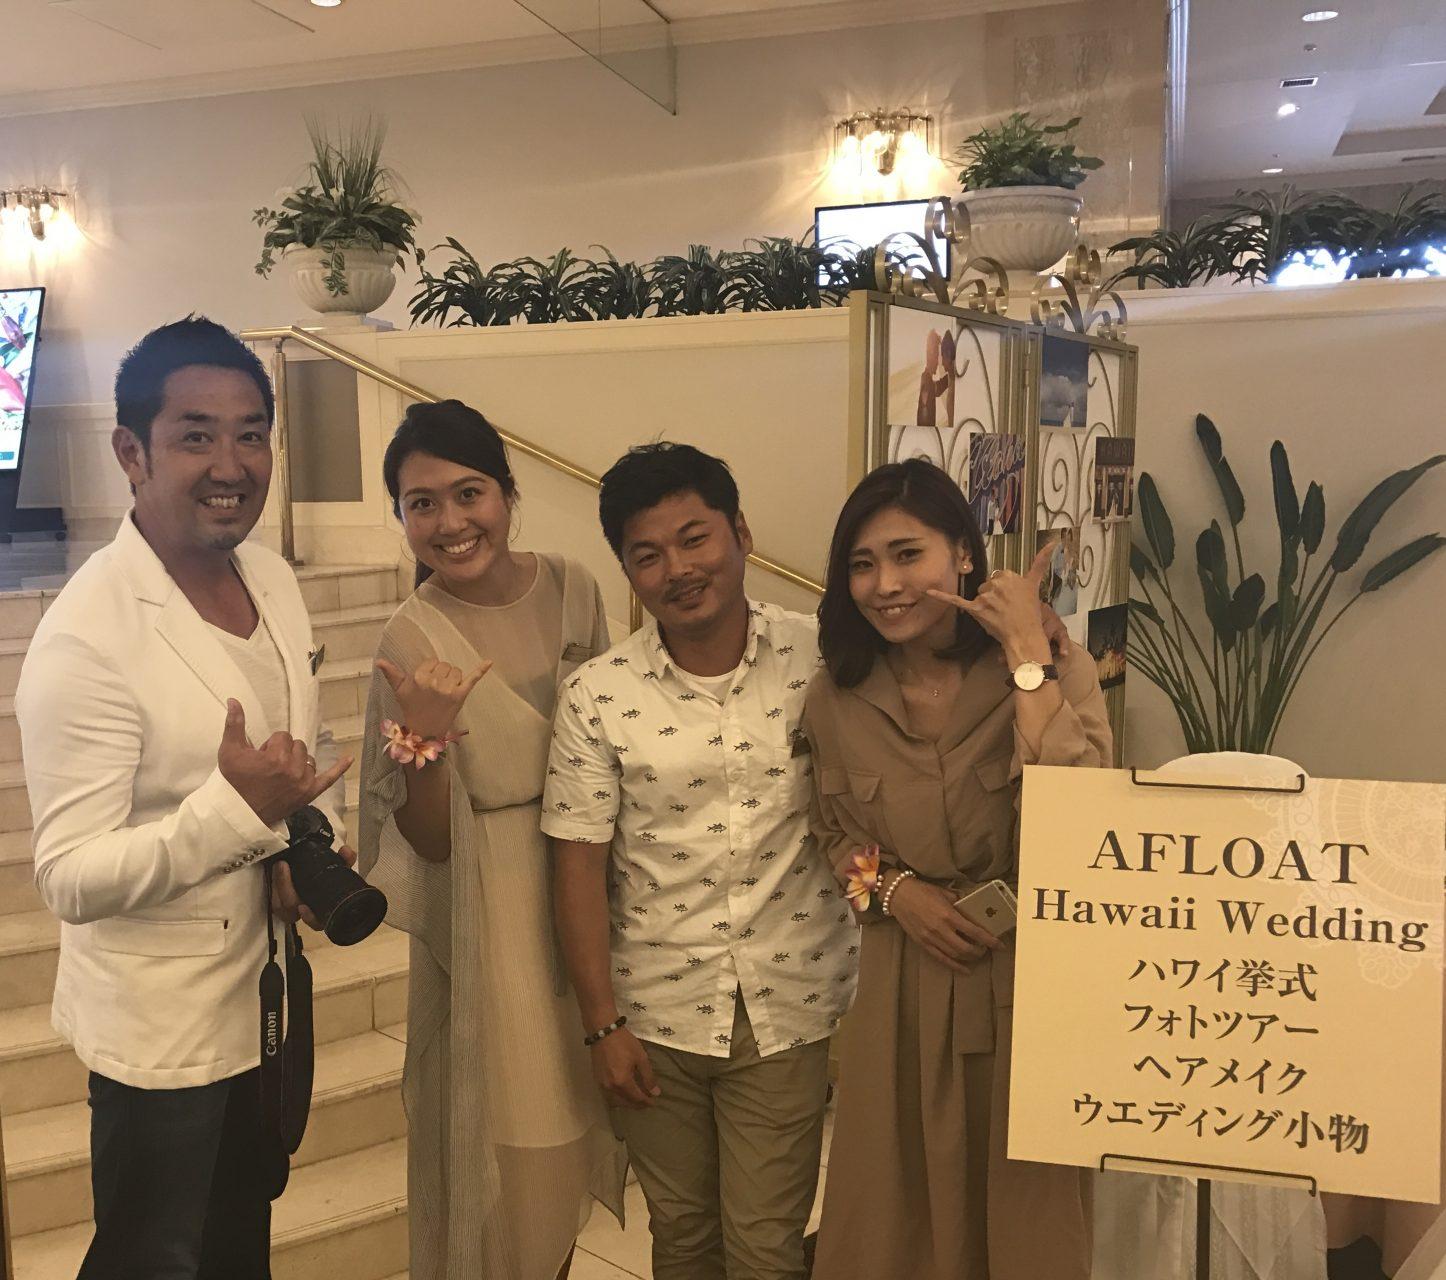 東京ディズニーリゾート オフィシャルホテル 東京ベイ舞浜ホテル クラブリゾート ブライダルフェア